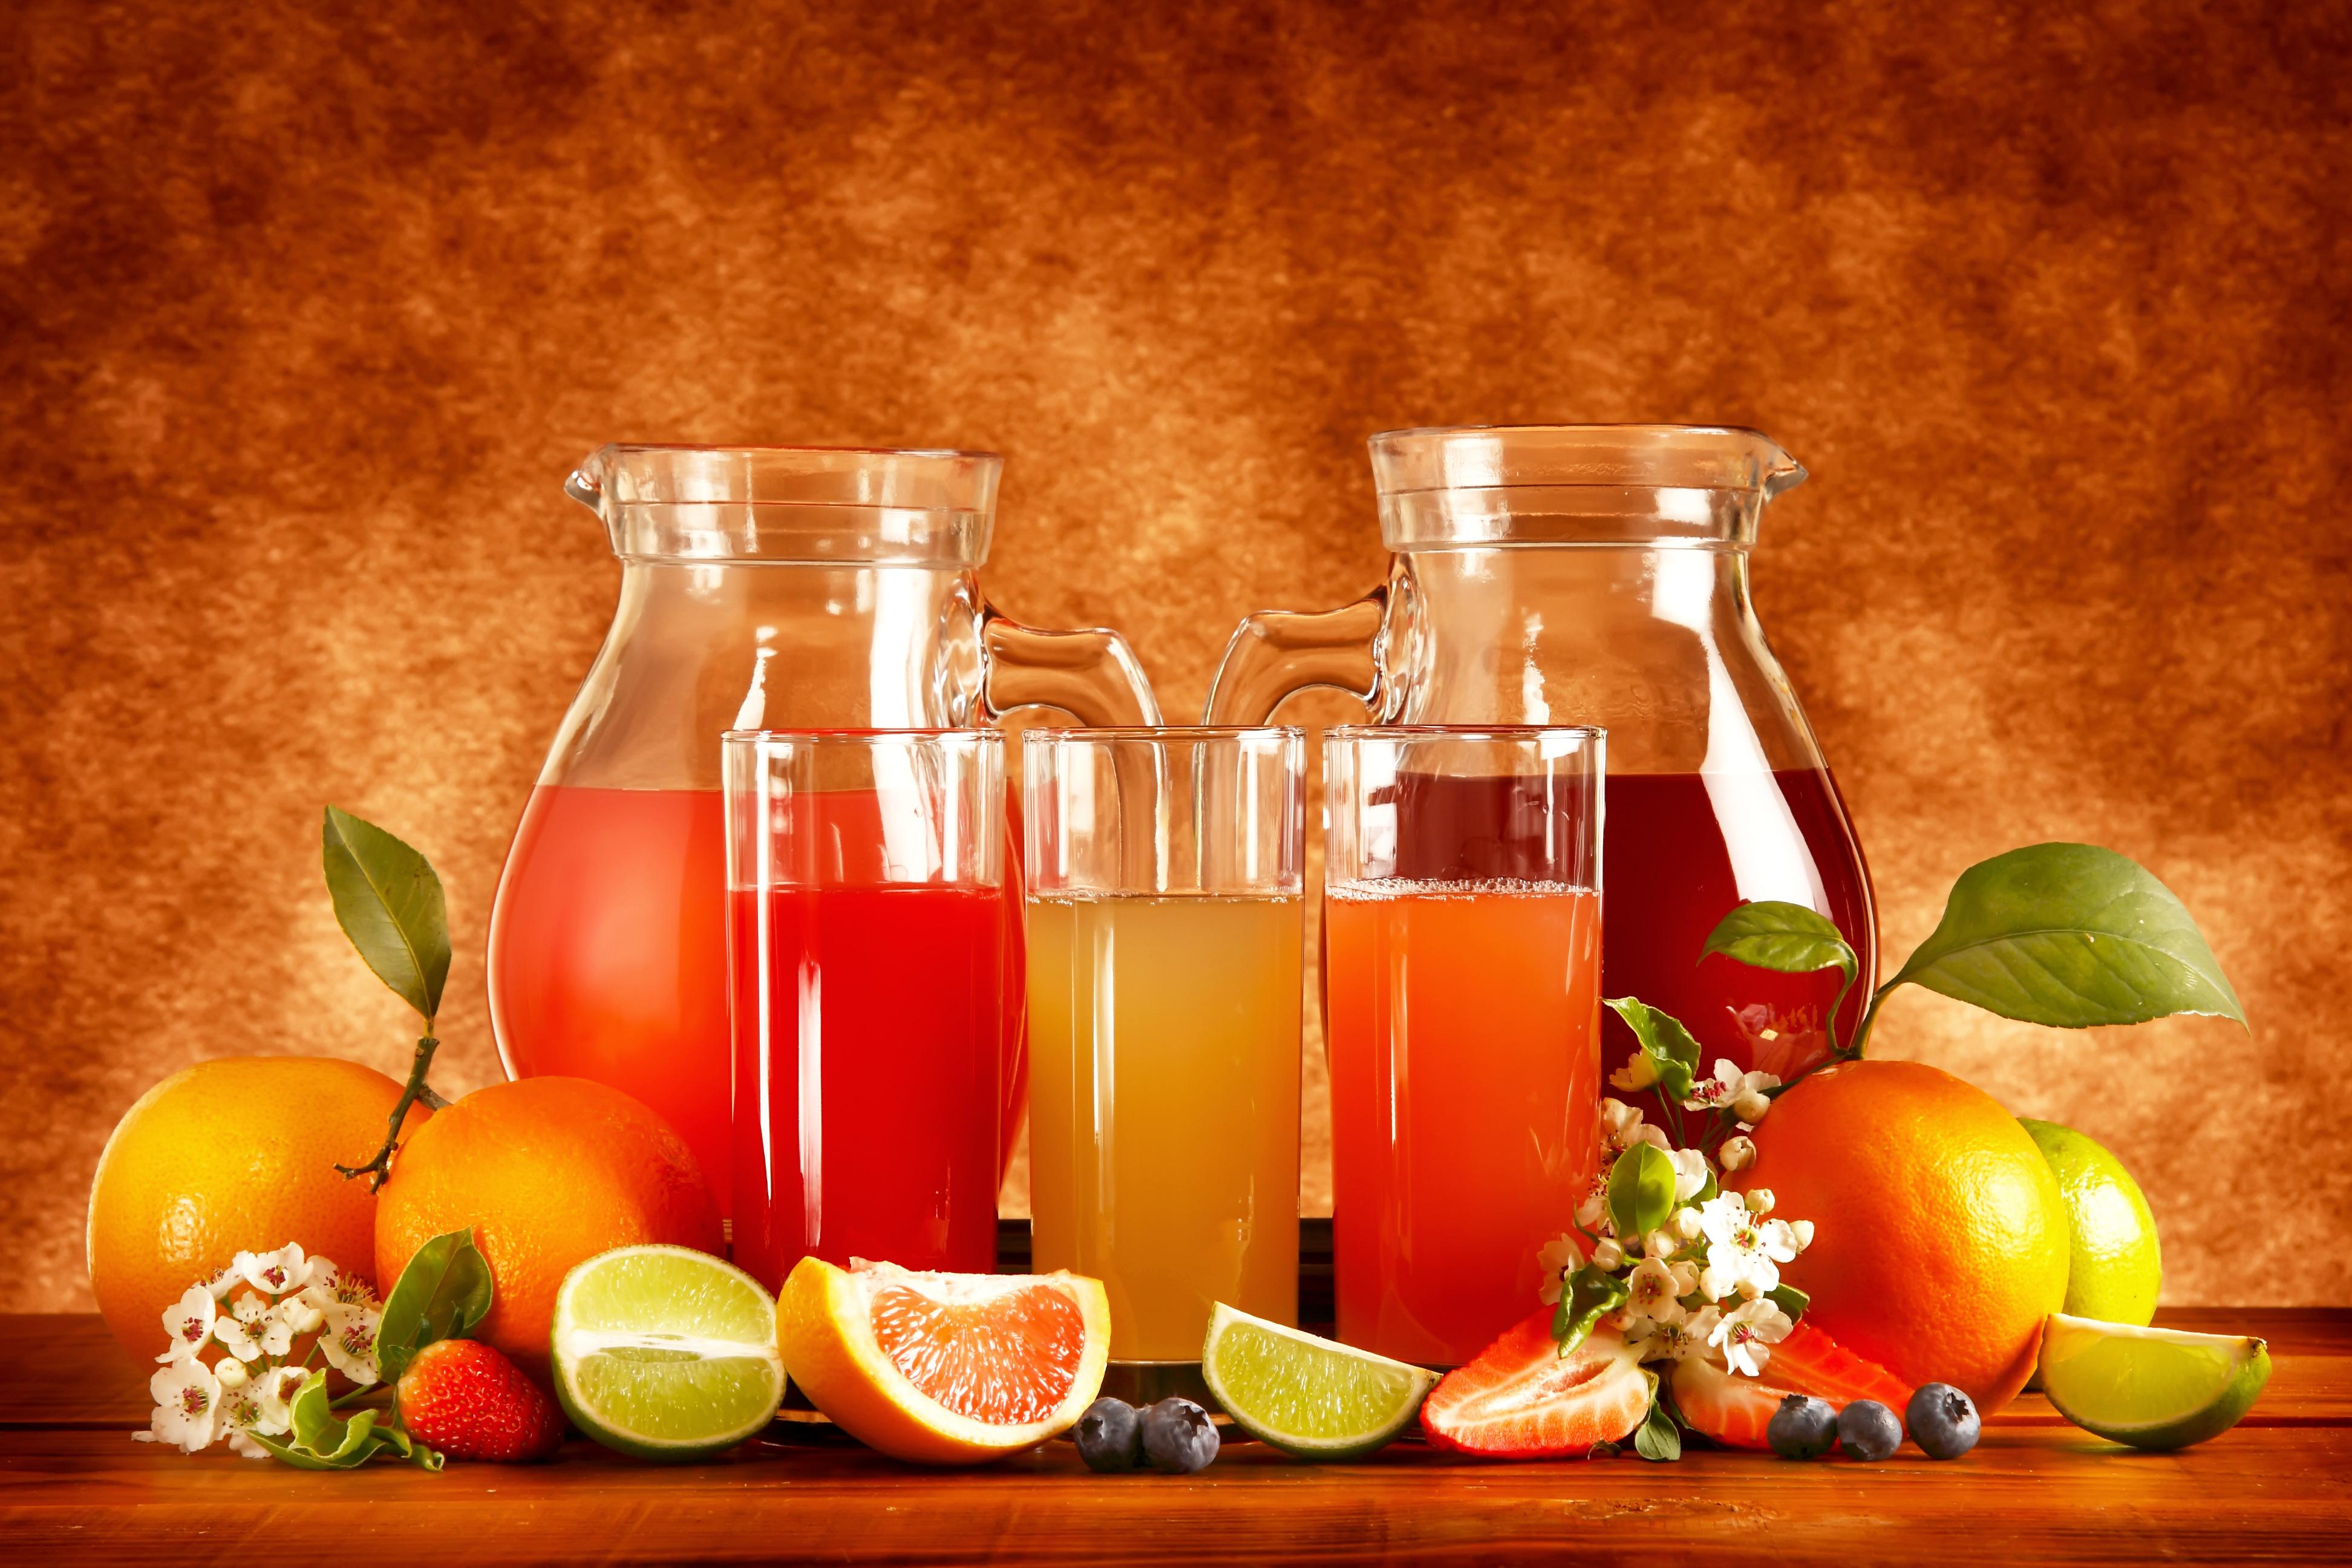 соки и безалкогольные напитки меры ответственности